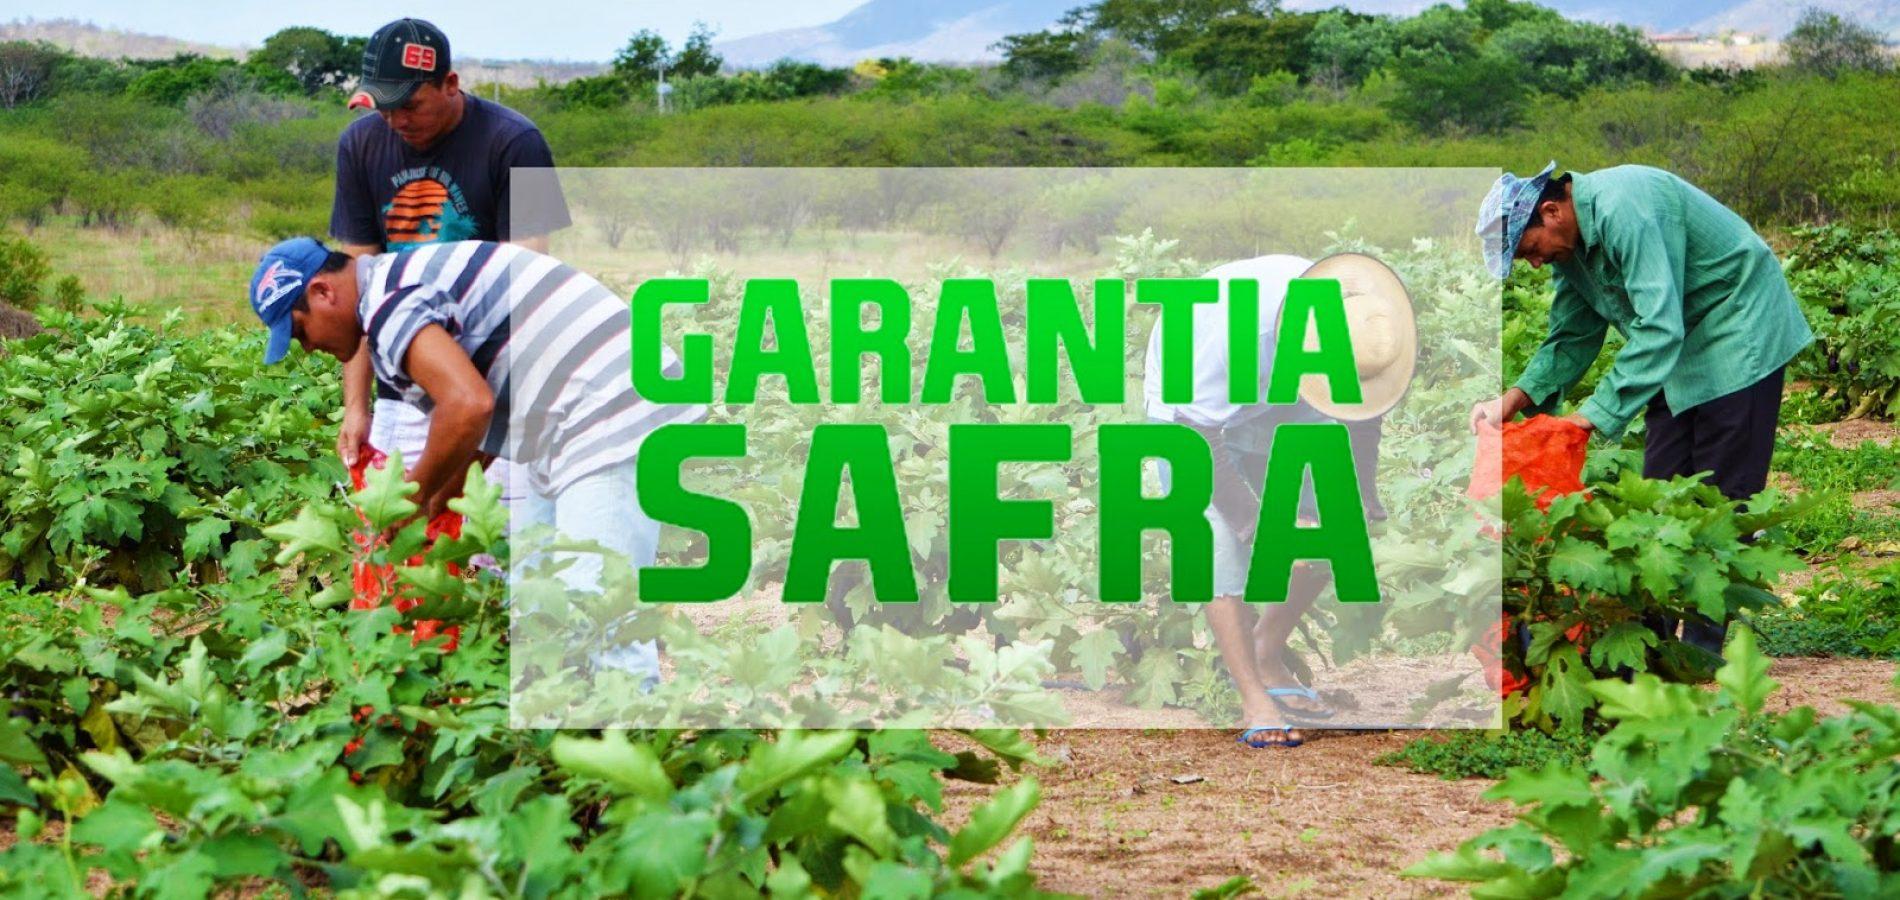 SDR quita Garantia Safra com investimento de R$ 10,2 milhões